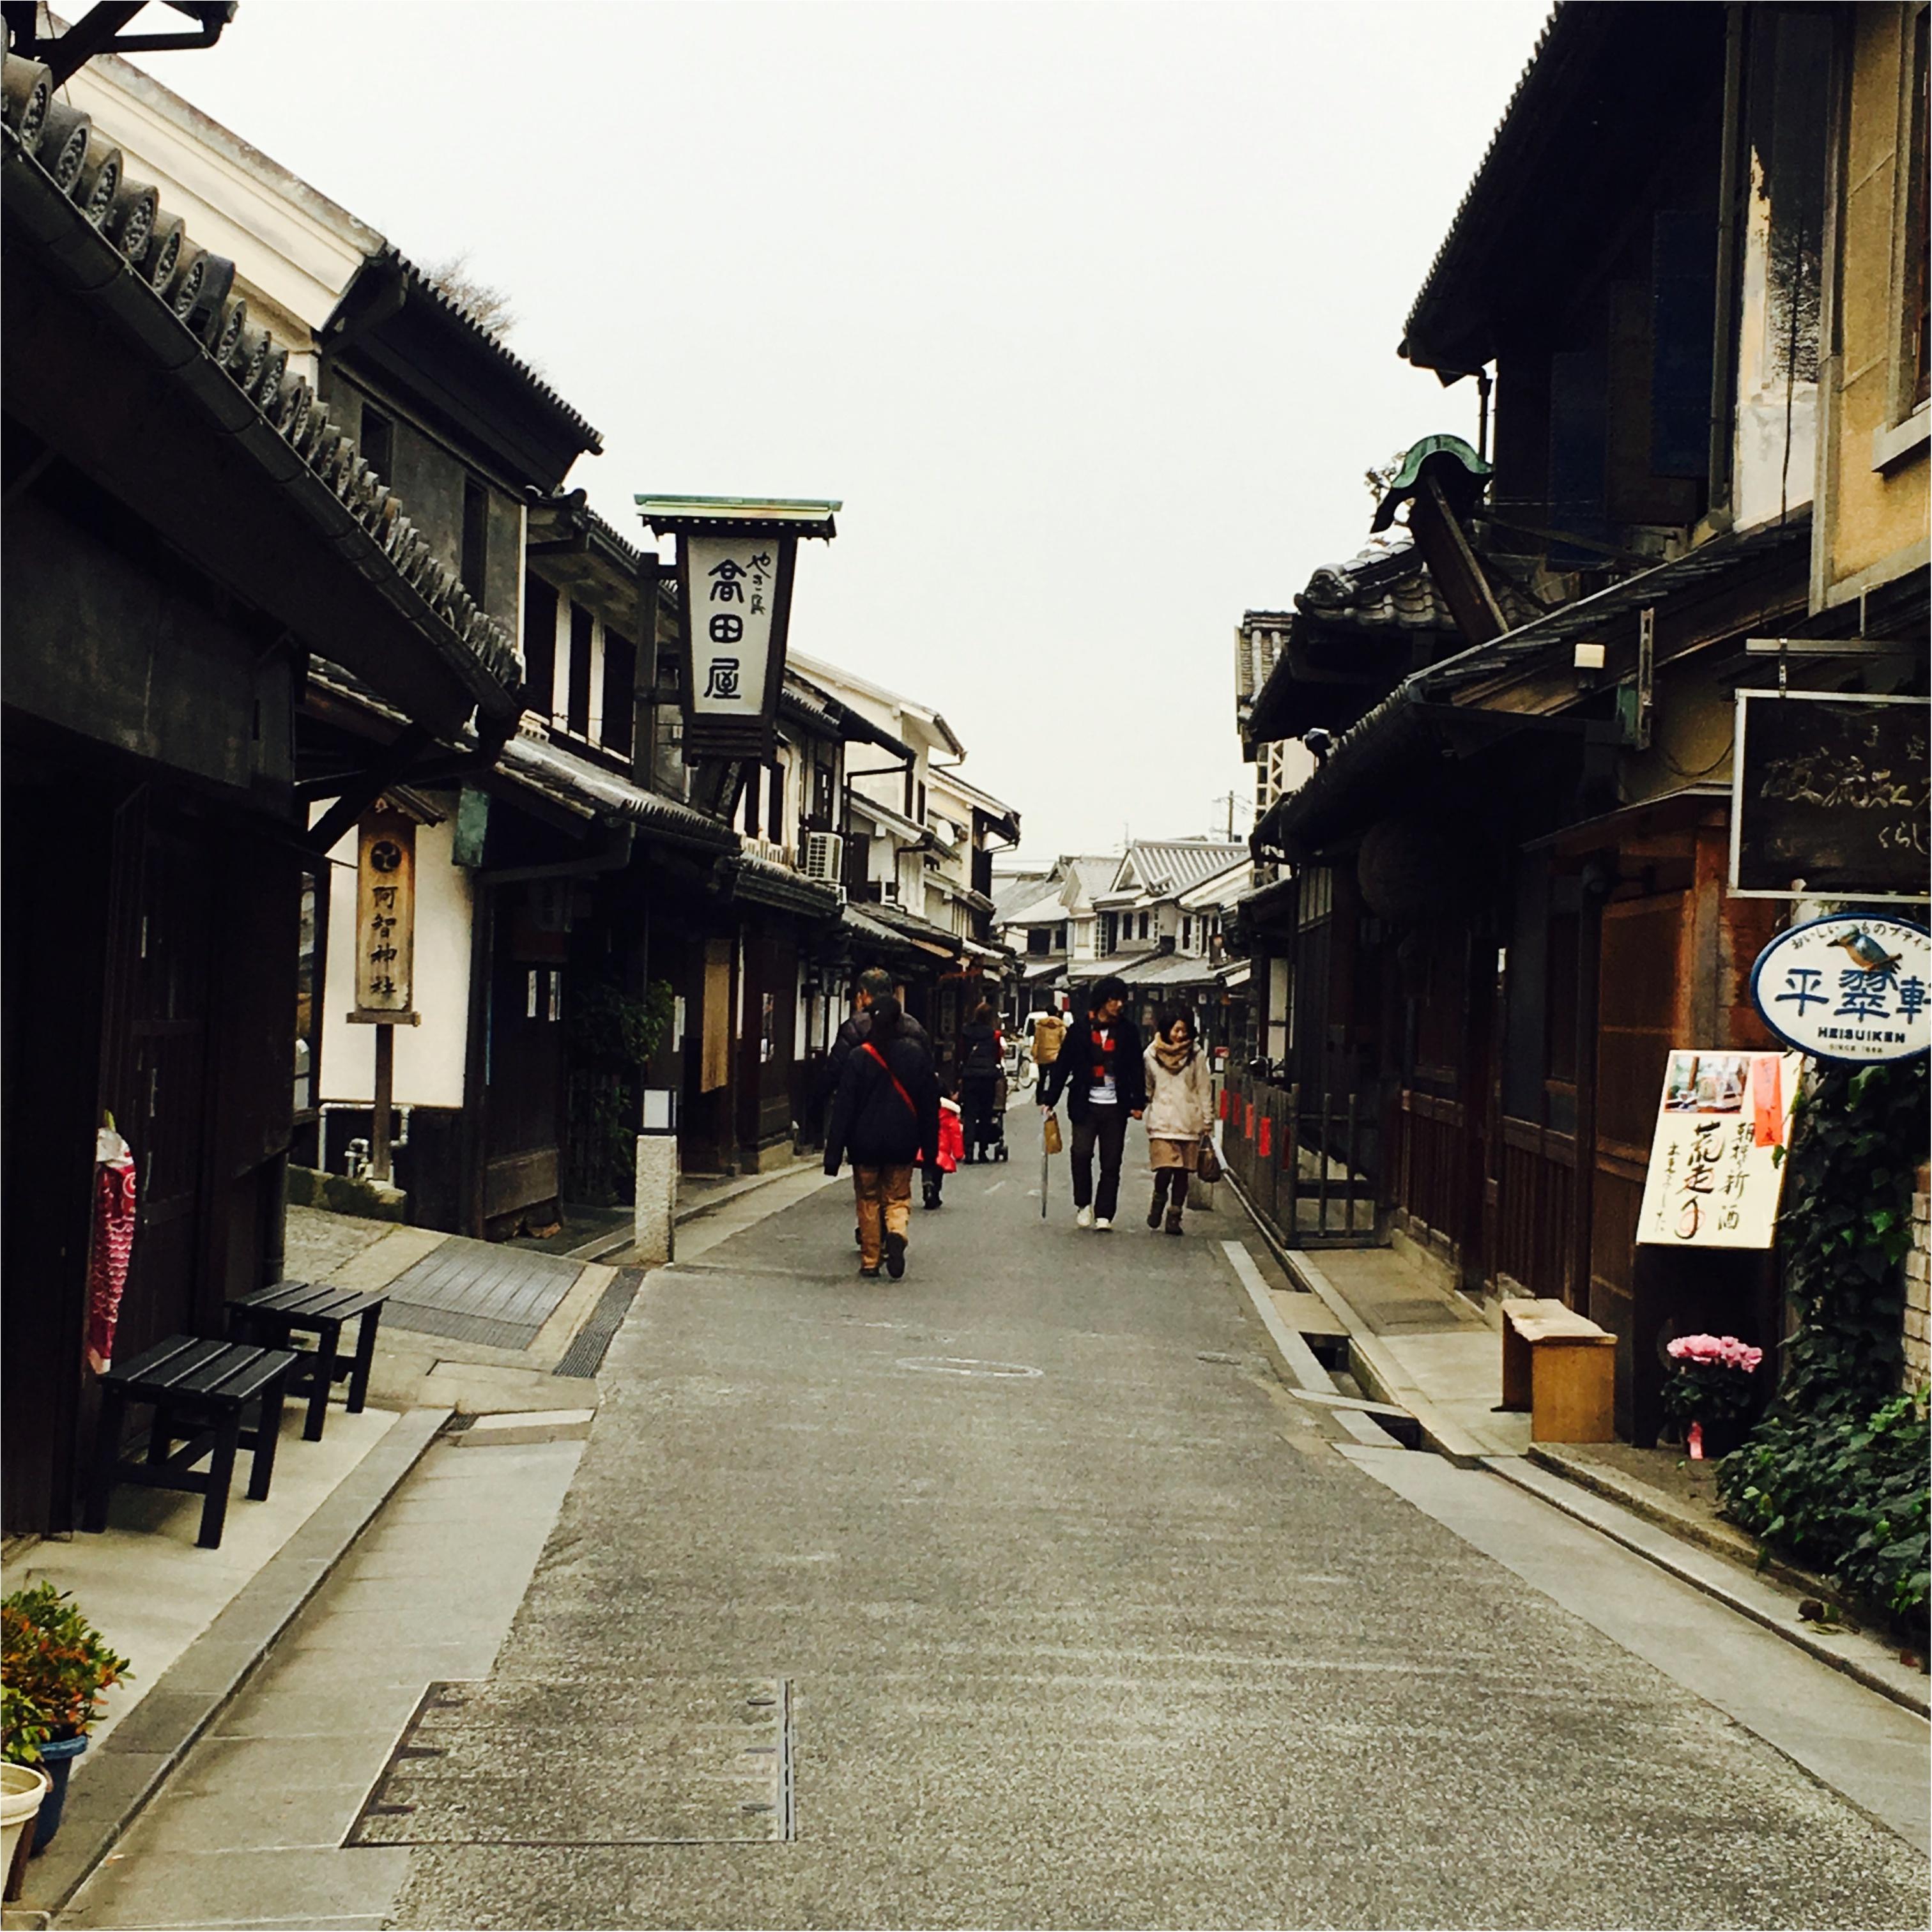 【岡山・倉敷 旅行①】≪美観地区≫の街並みがフォトジェニックでGOOD!_1